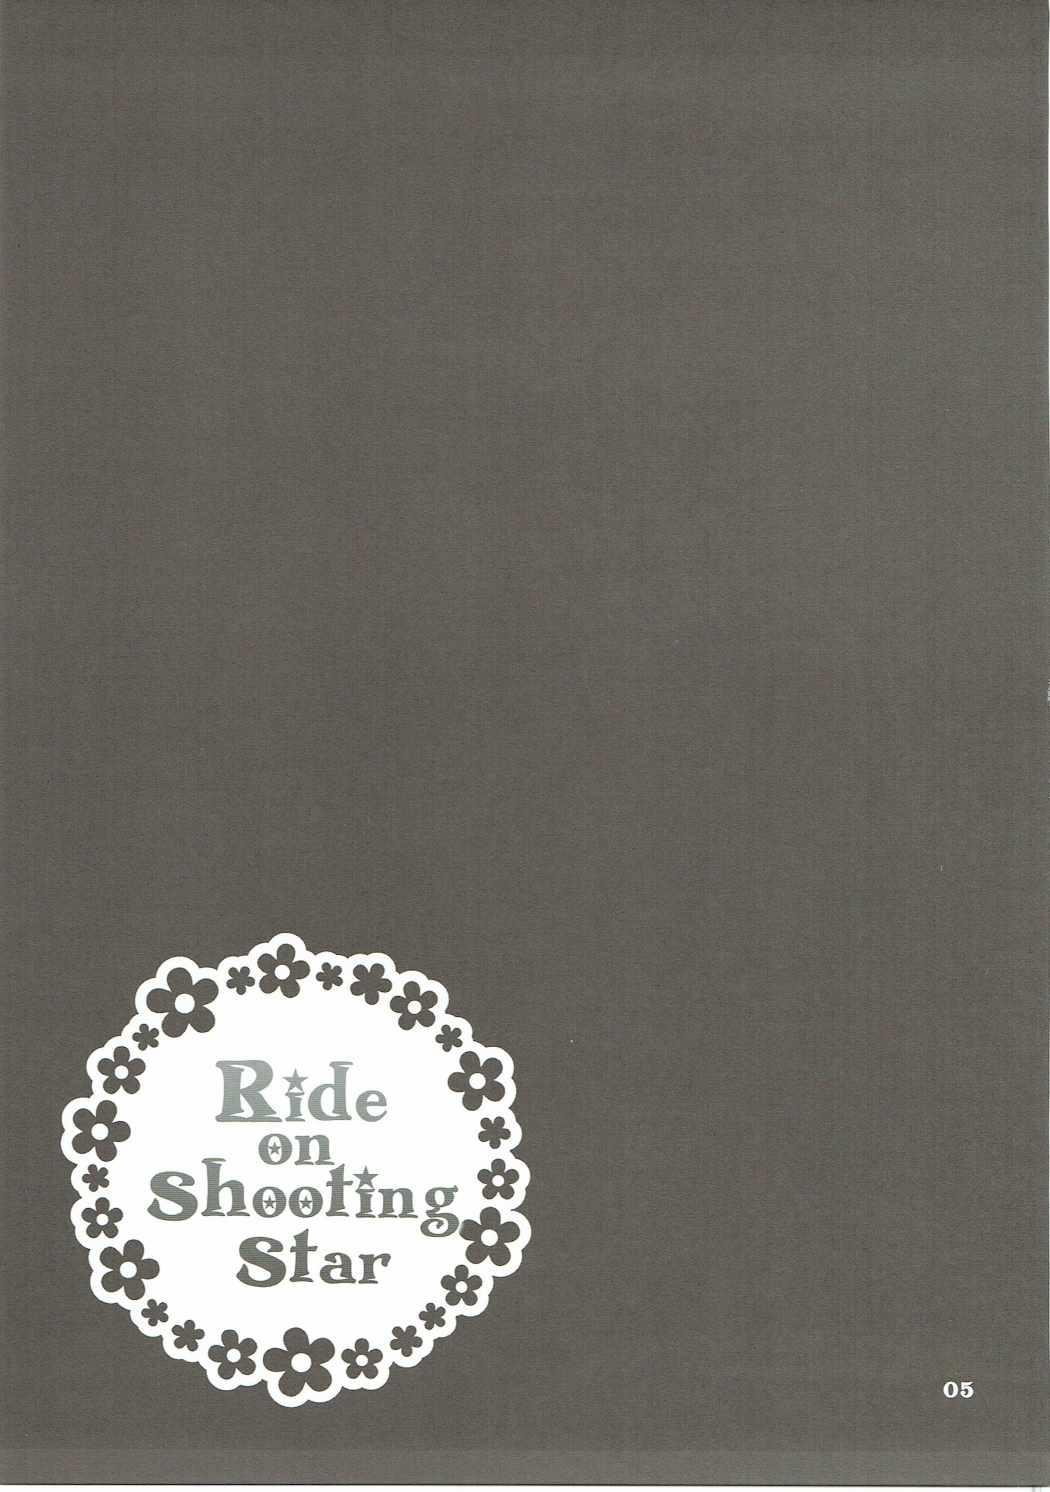 Hình ảnh  in Ride on Shooting Star